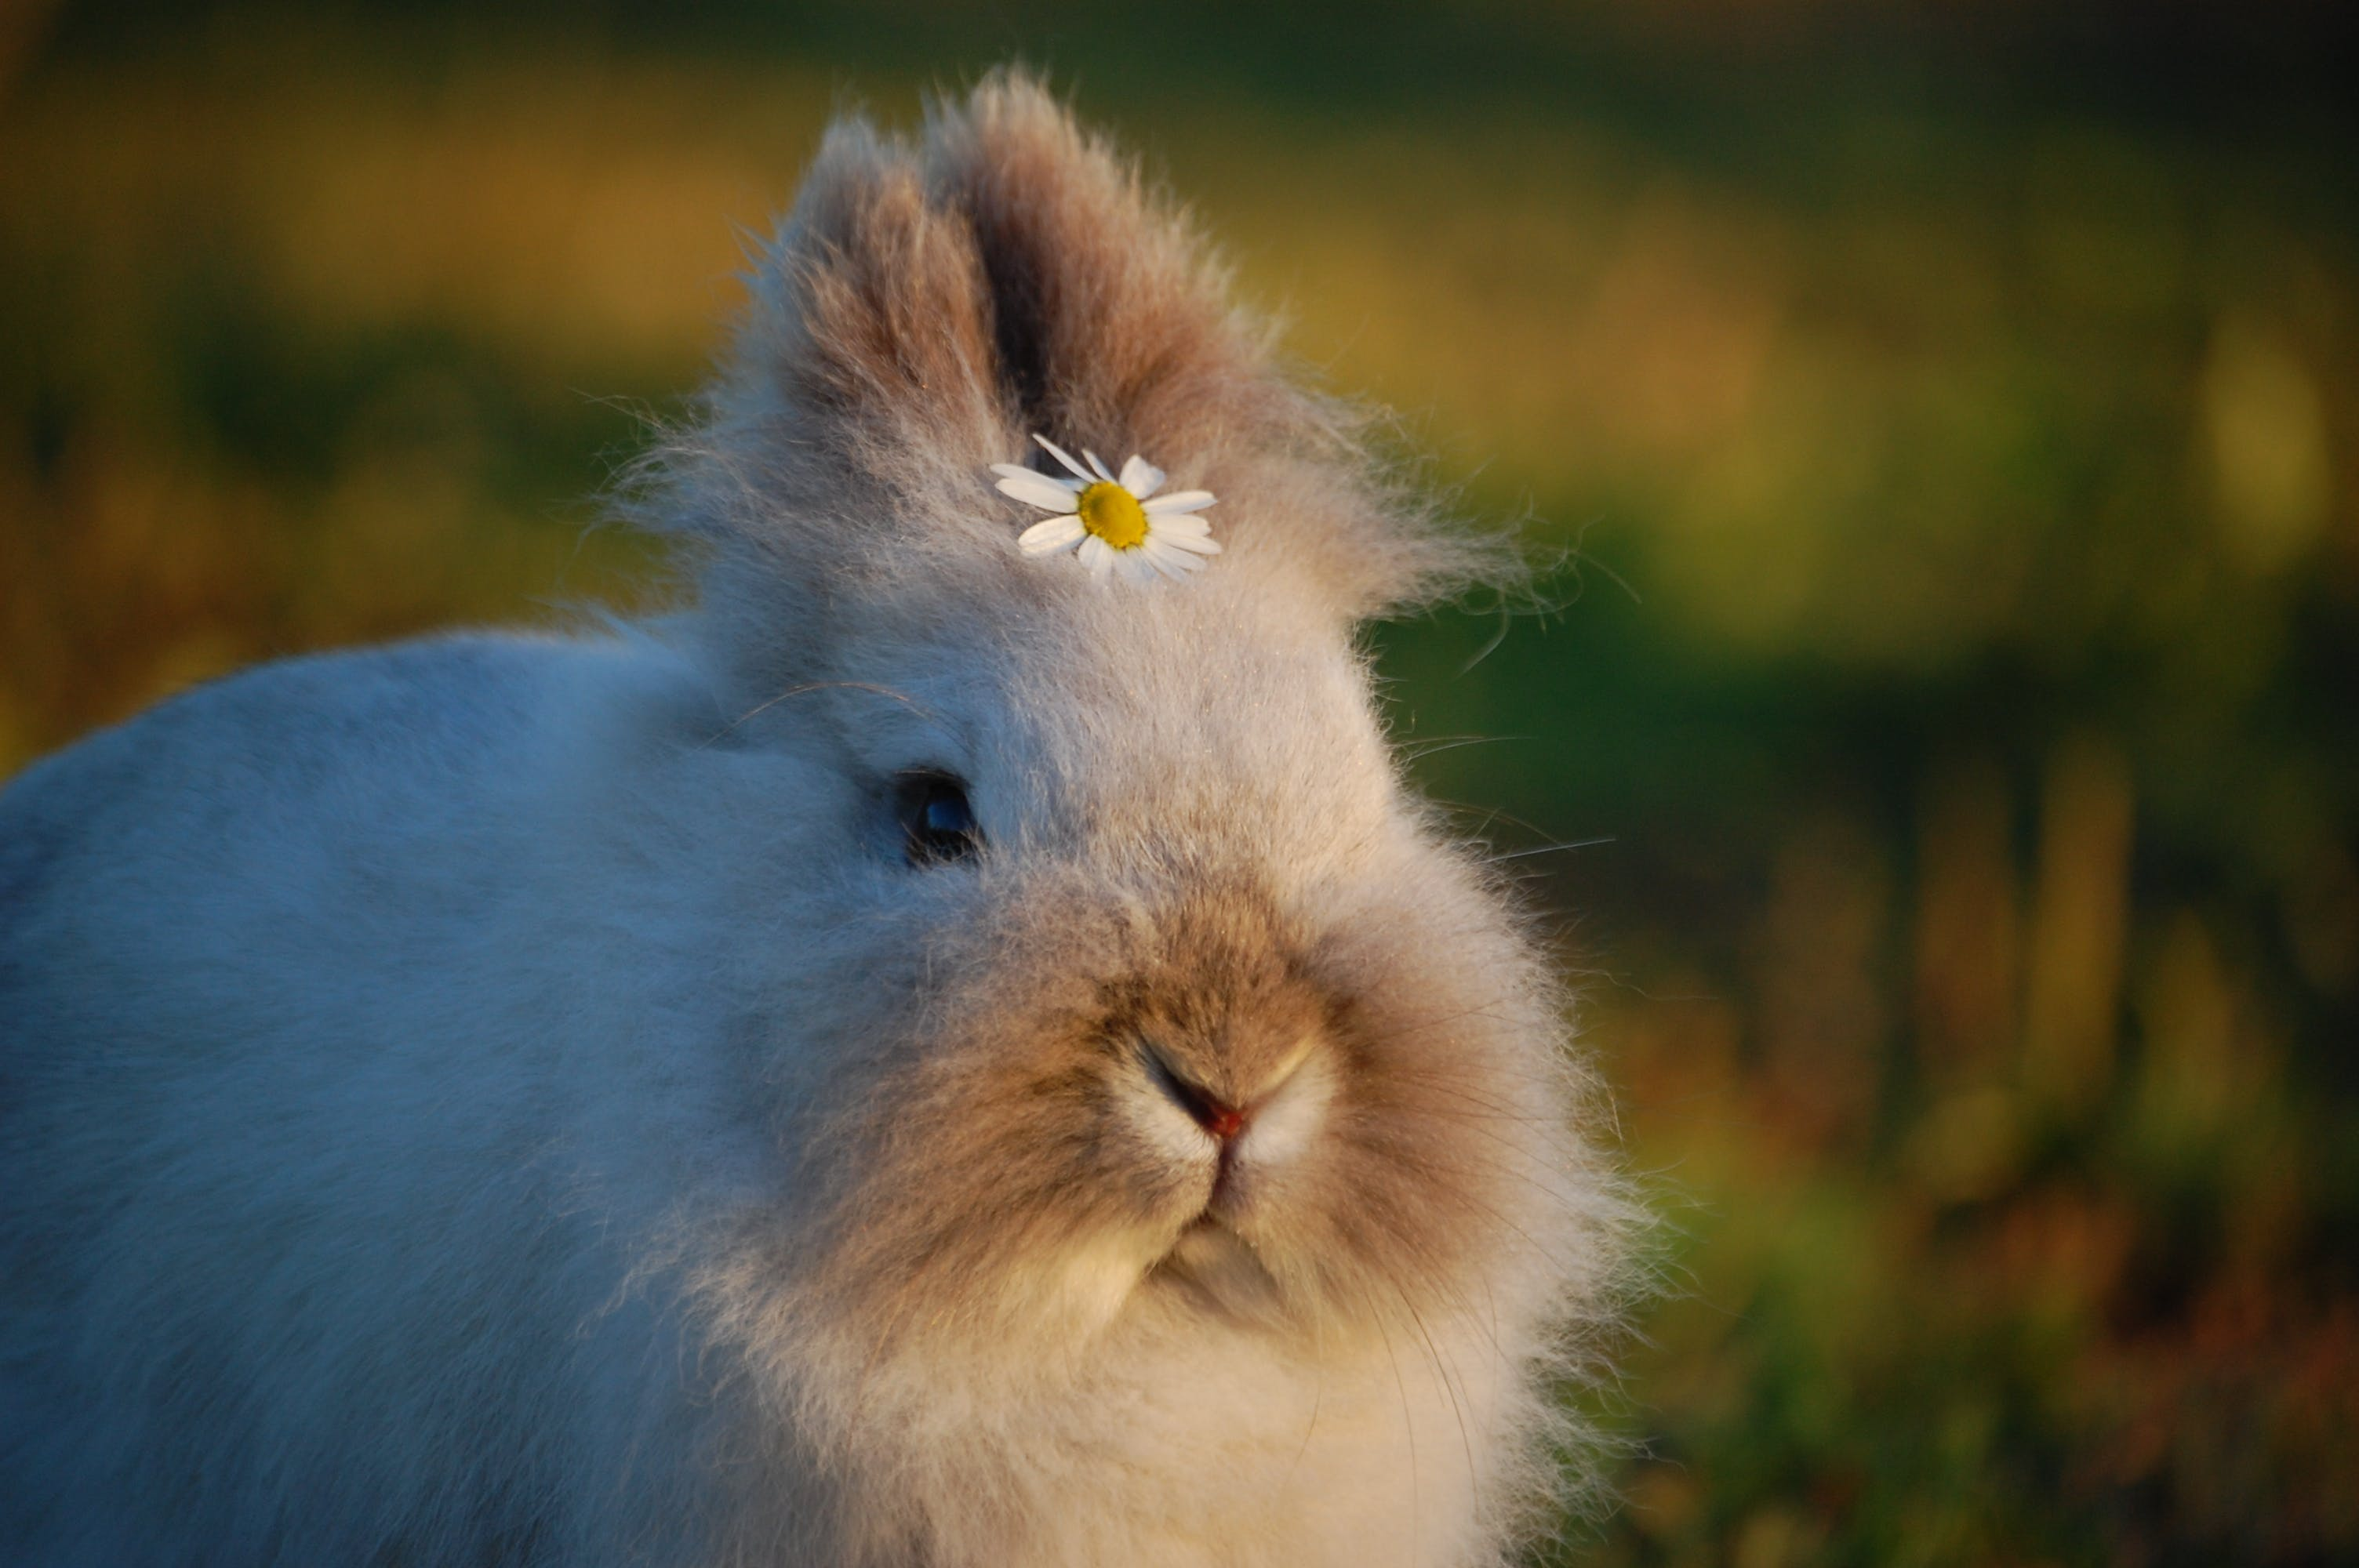 うさぎの耳, ウサギ, バニー, ペットの